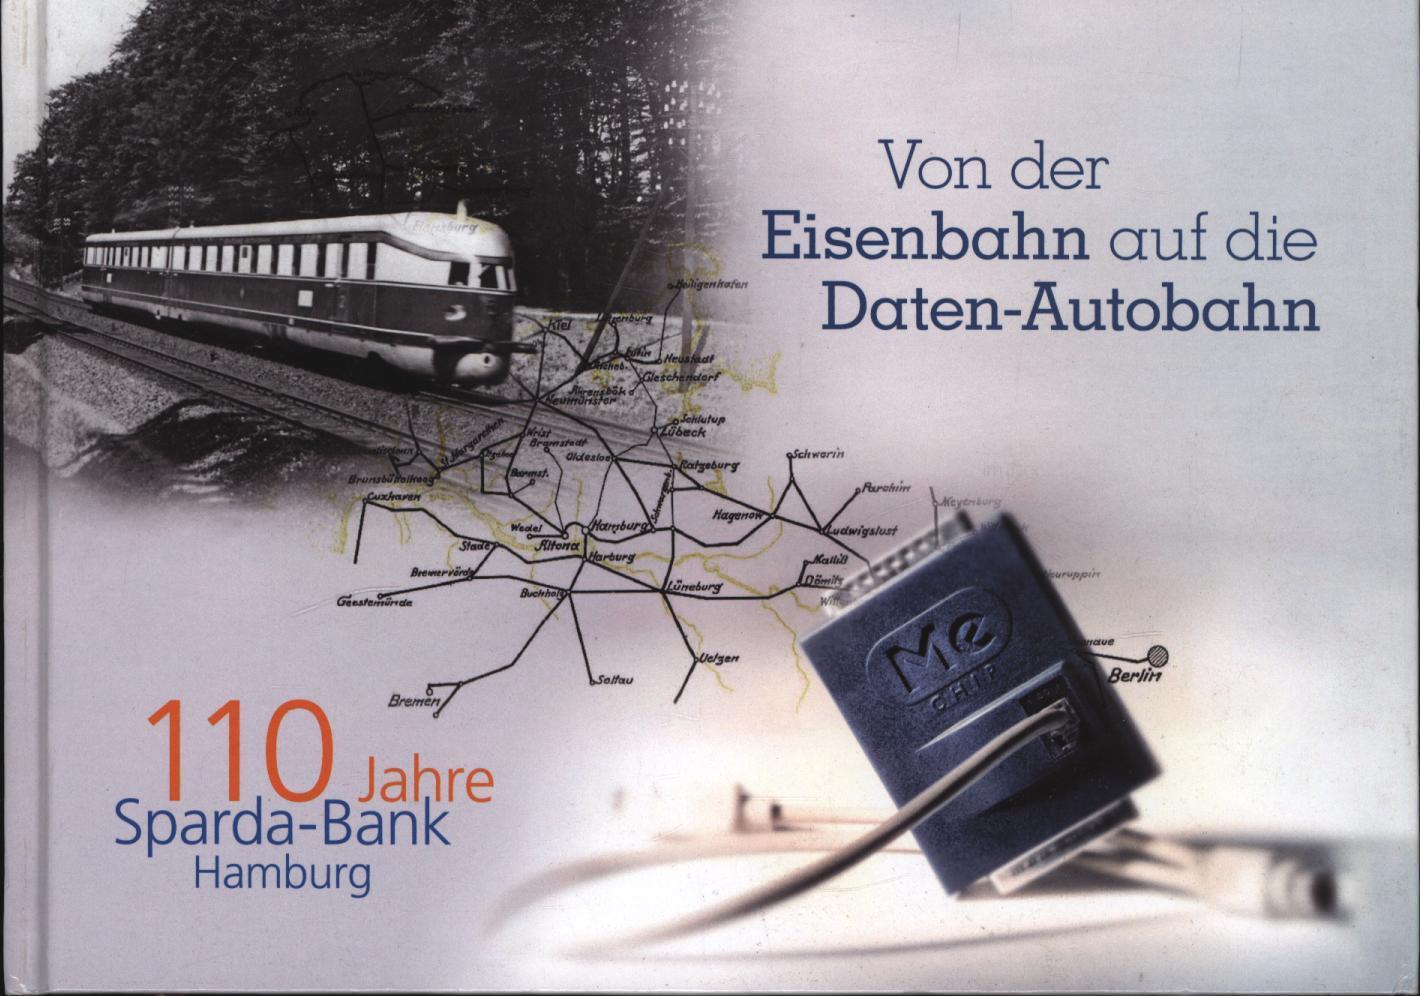 Kastanienhof Hamburg der eisenbahn auf die daten autobahn 110 jahre sparda bank